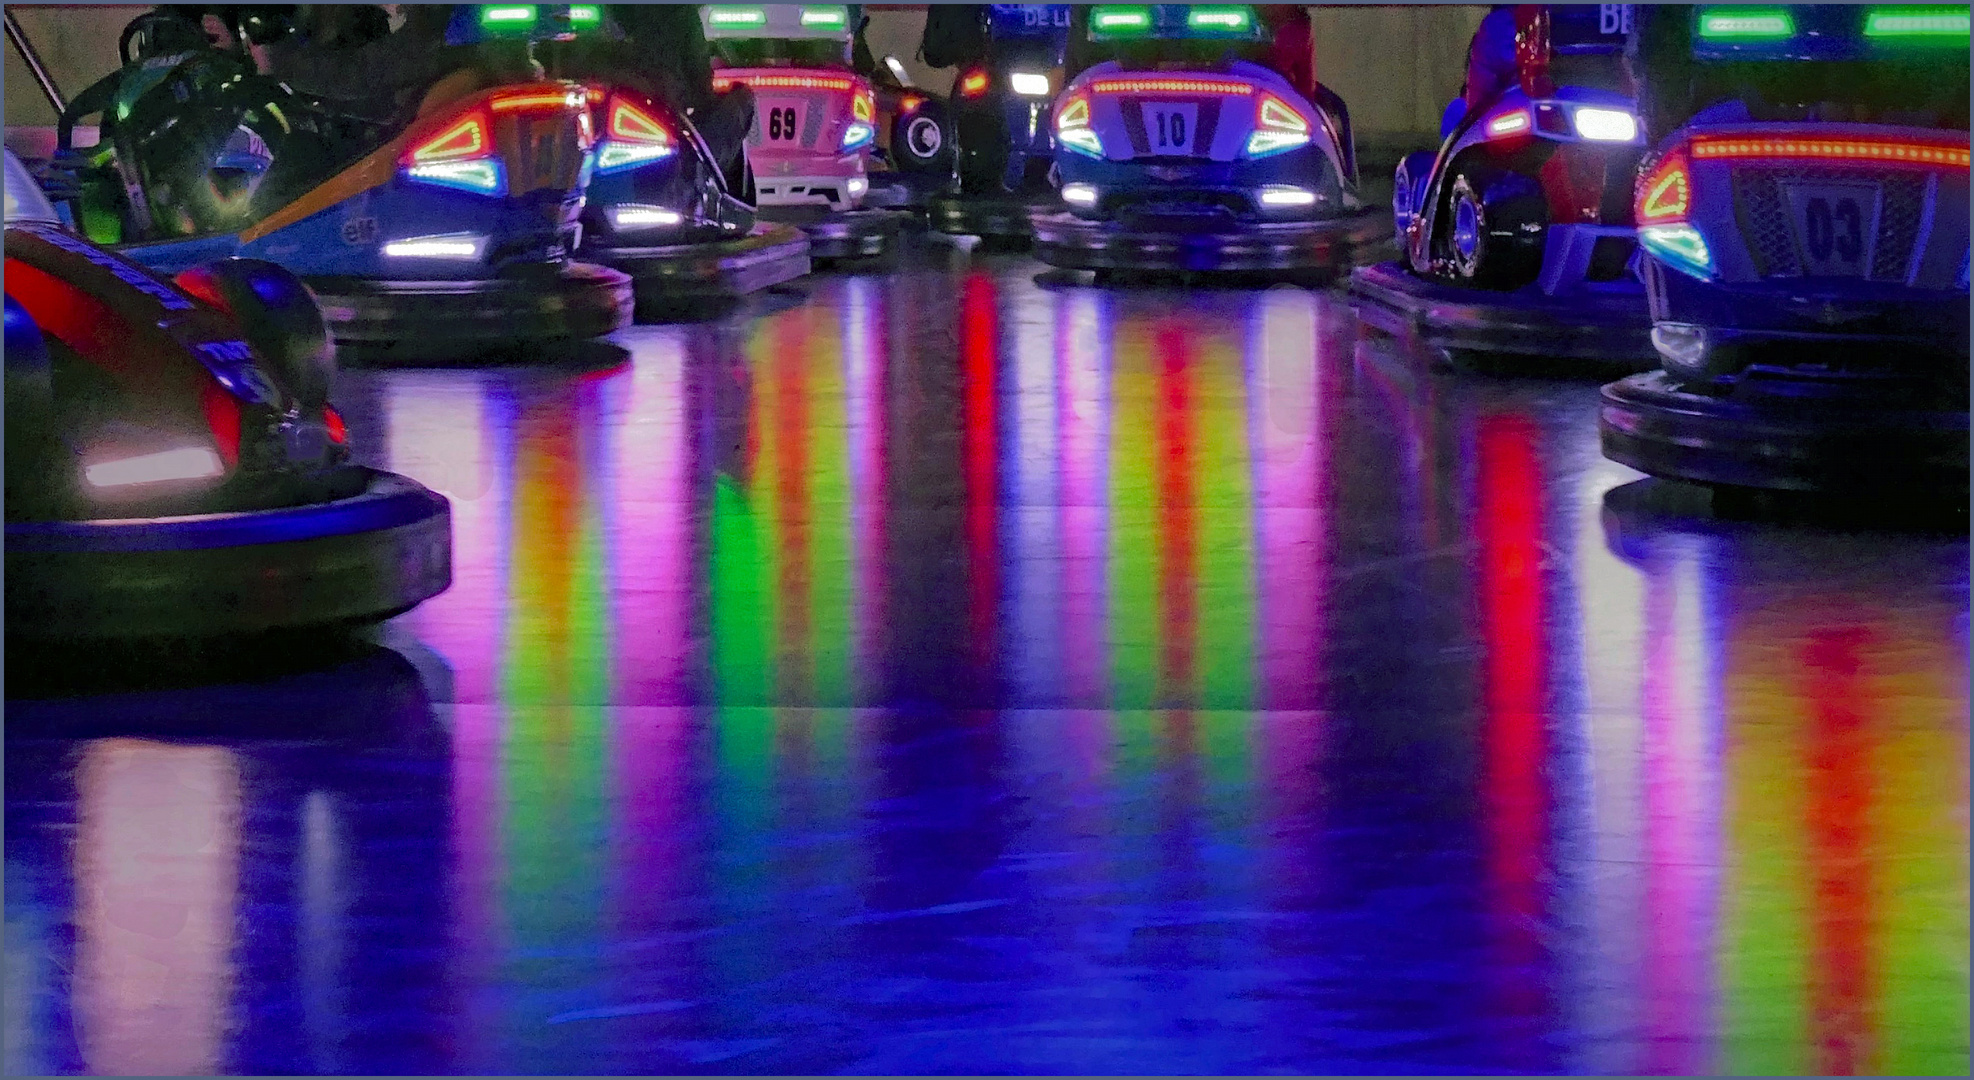 débauche  de couleurs  des autos-Tamponneuses.....